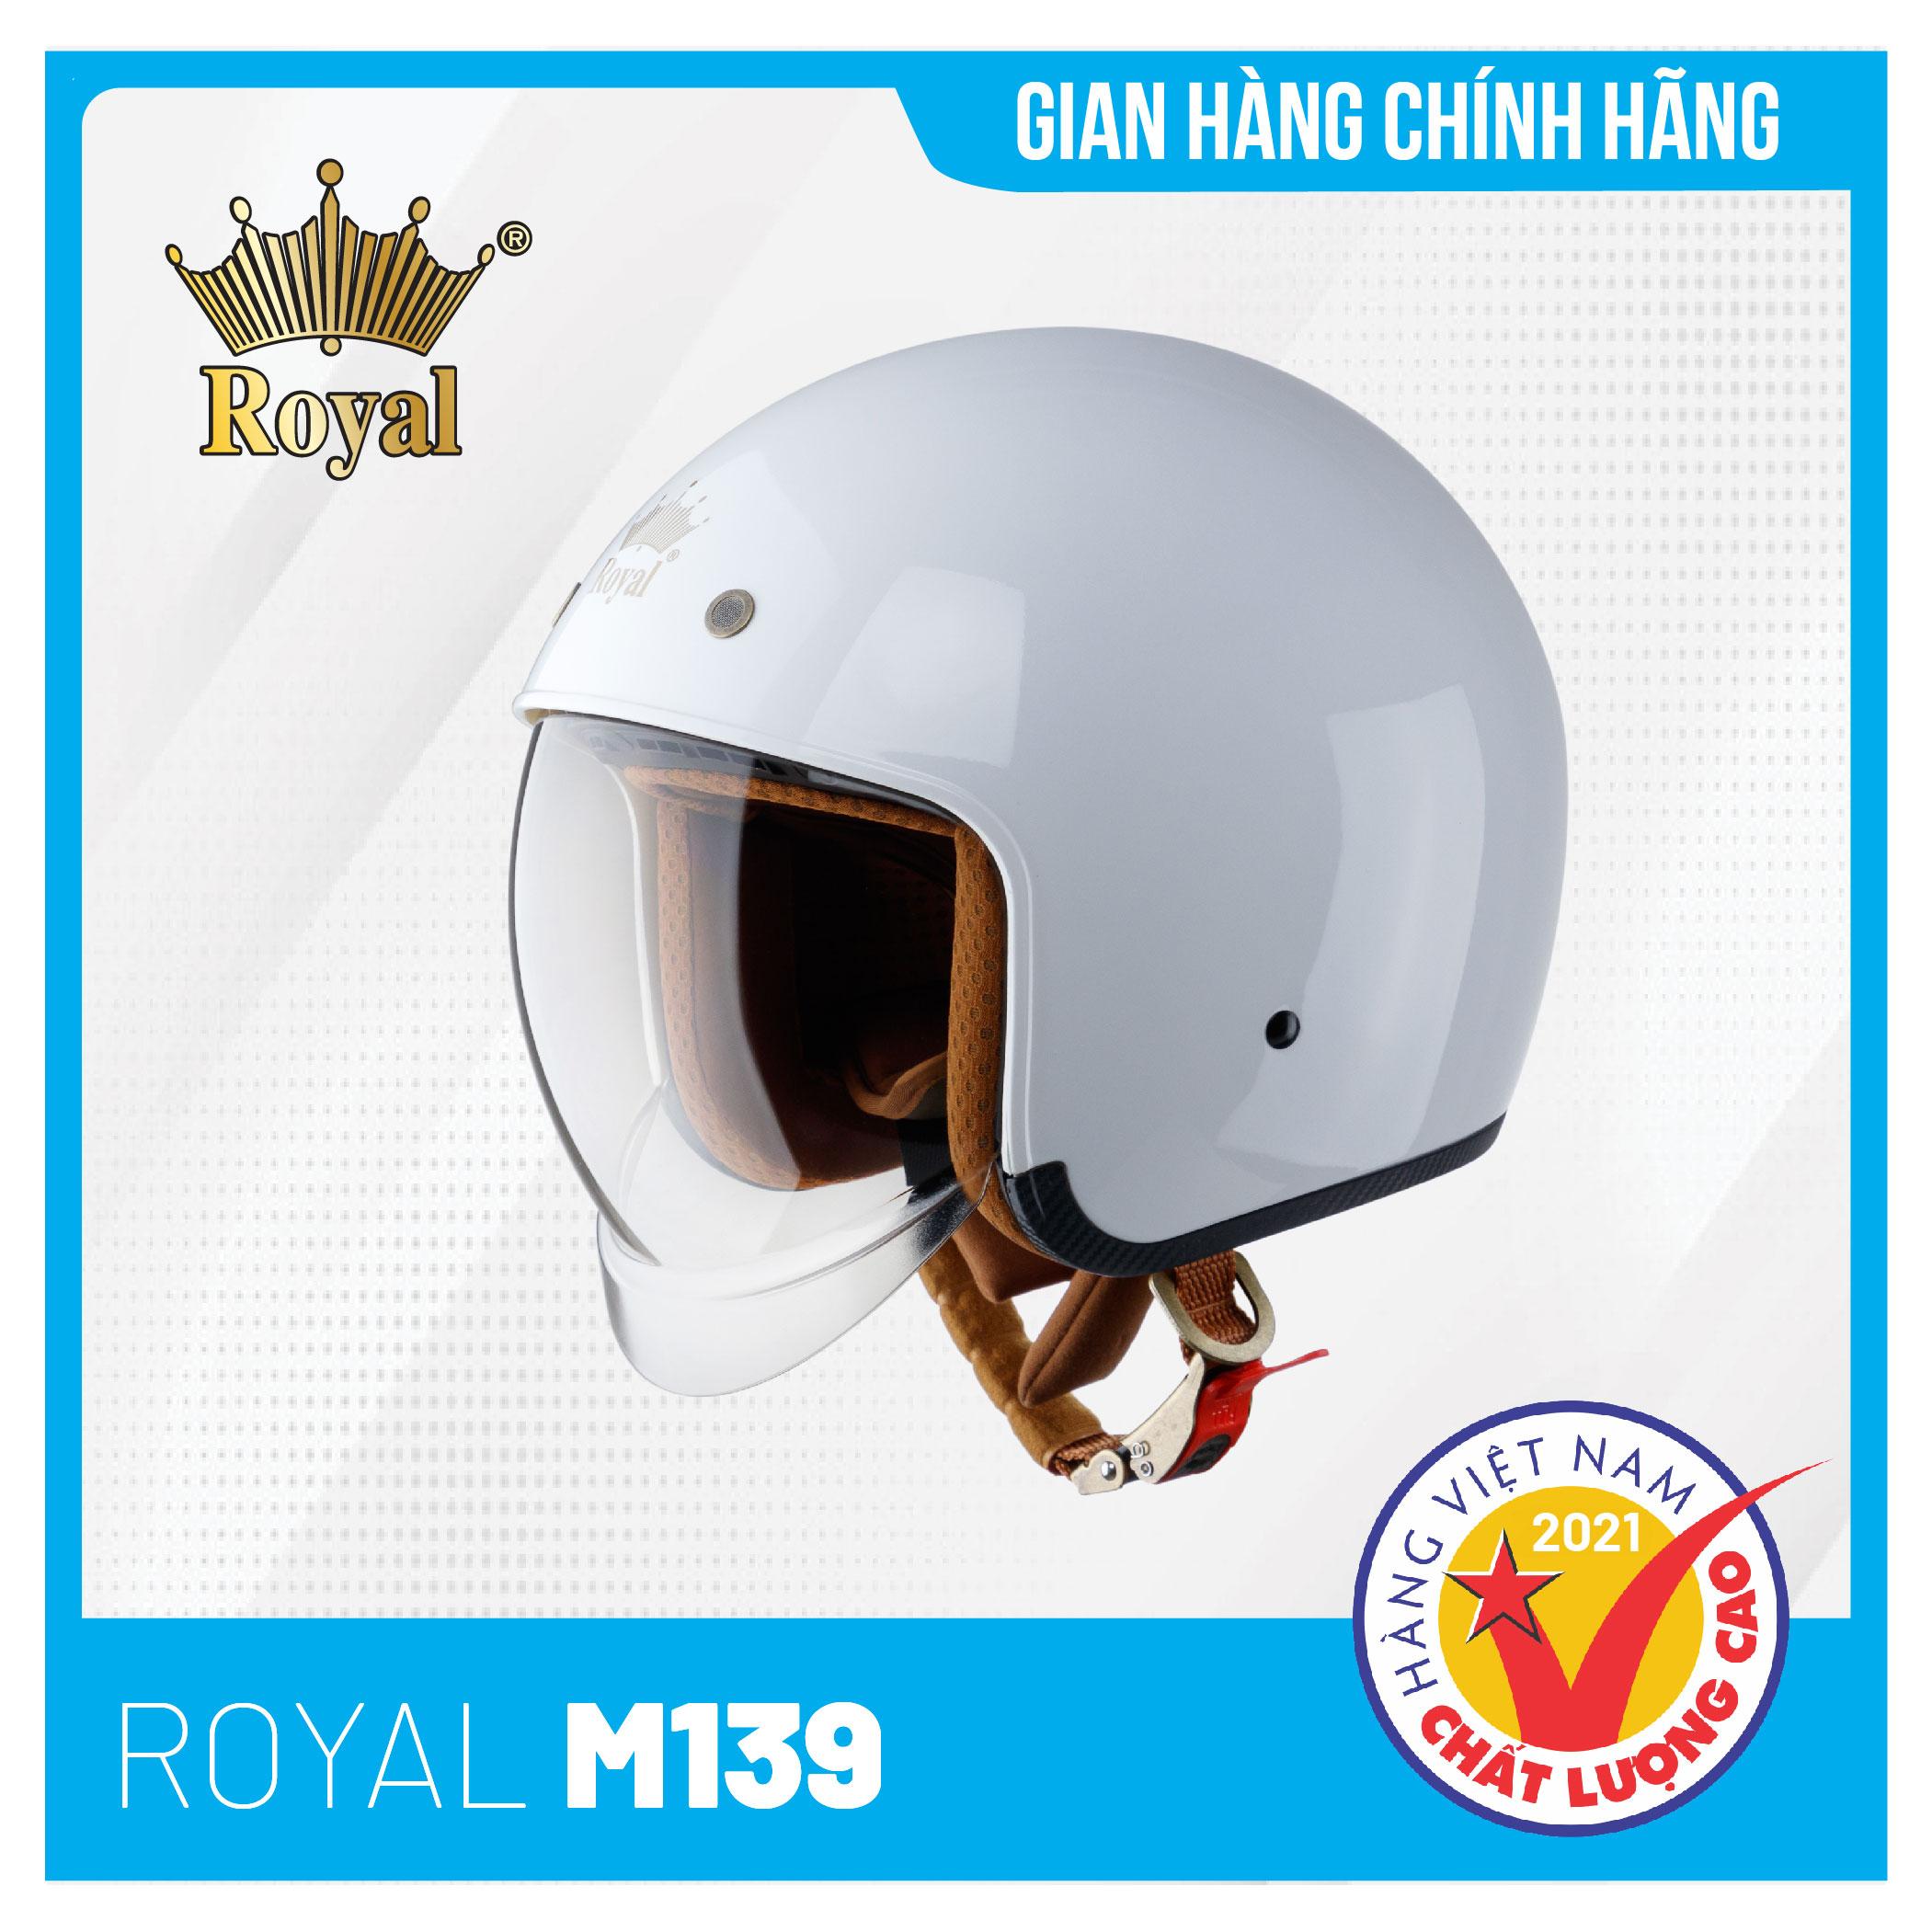 Hình ảnh Mũ Bảo Hiểm 3/4 Đầu Royal M139